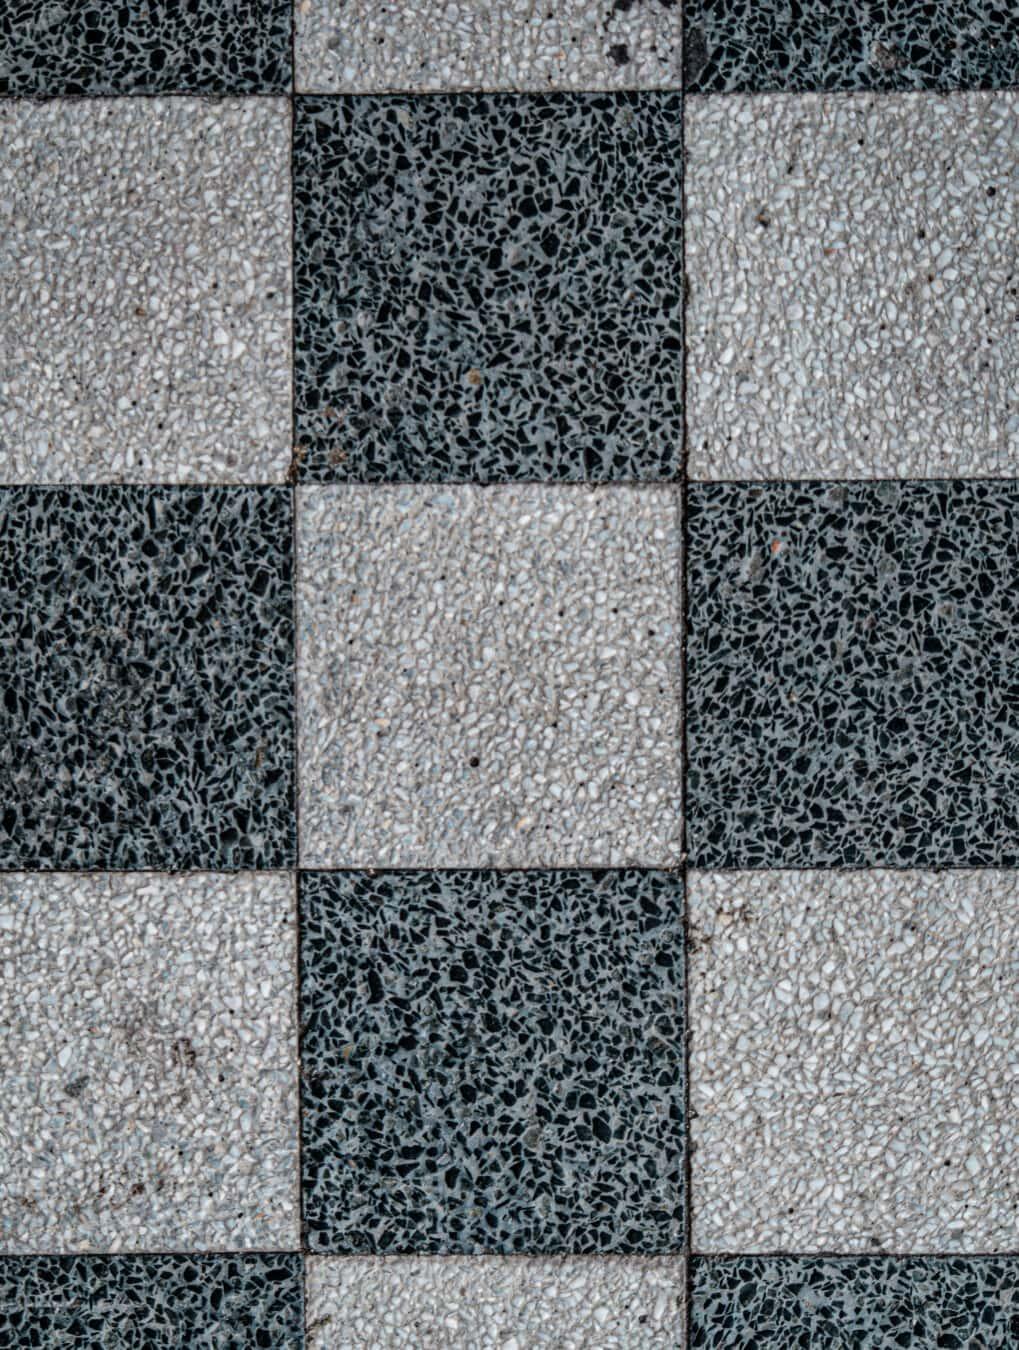 schwarz und weiß, Textur, Marmor, Würfel, geometrische, Granit, Platz, vertikale, Mosaik, Oberfläche